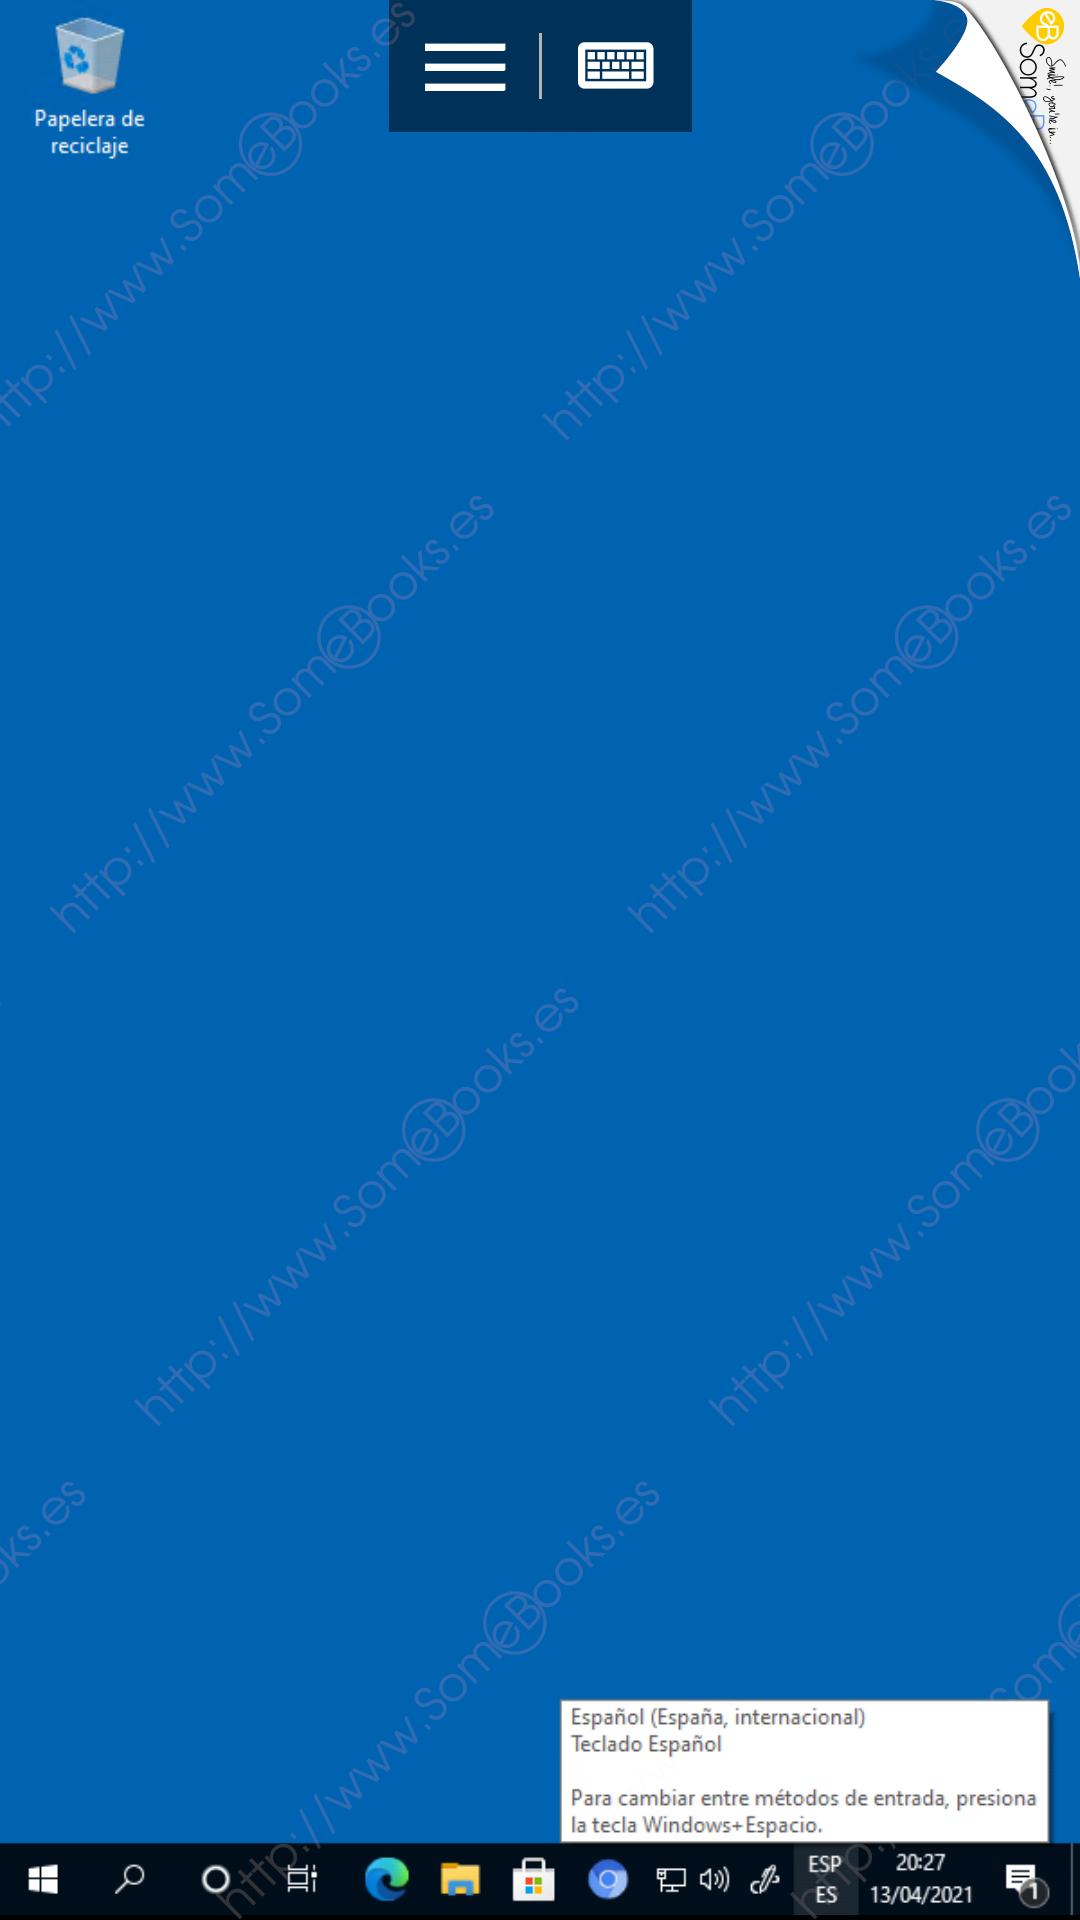 Escritorio-remoto-en-Windows-10-Acceder-desde-Android-010